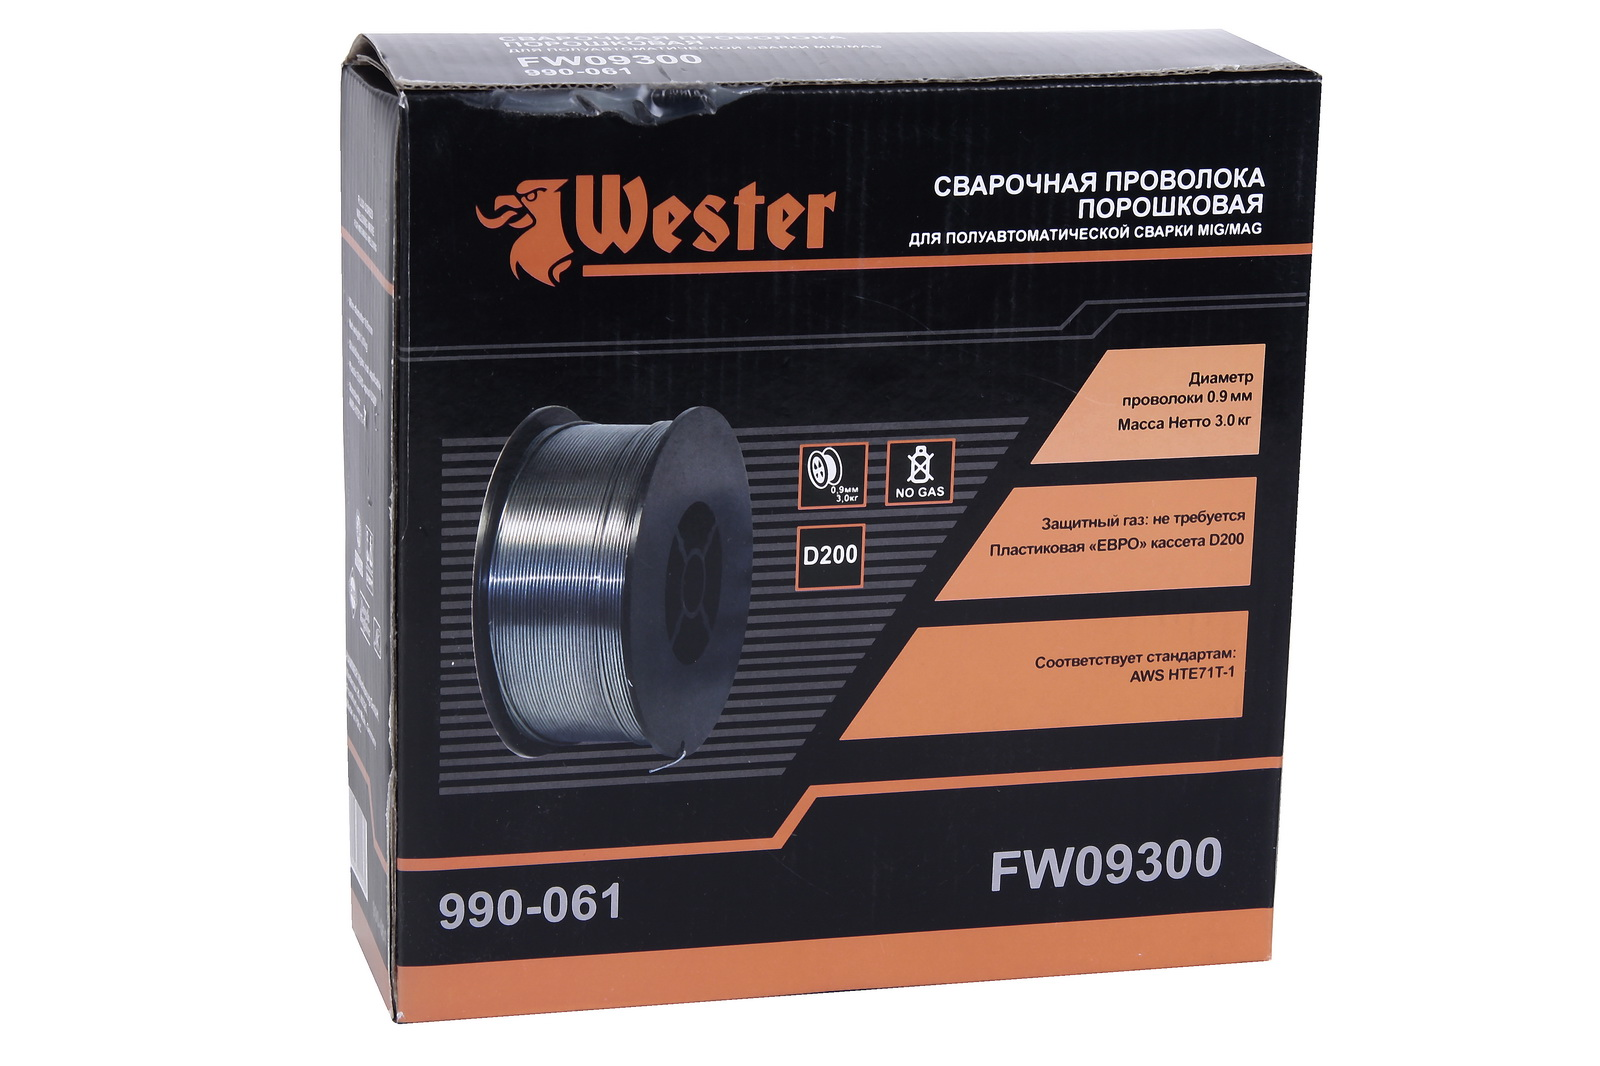 Проволока сварочная Wester Fw09300 от 220 Вольт